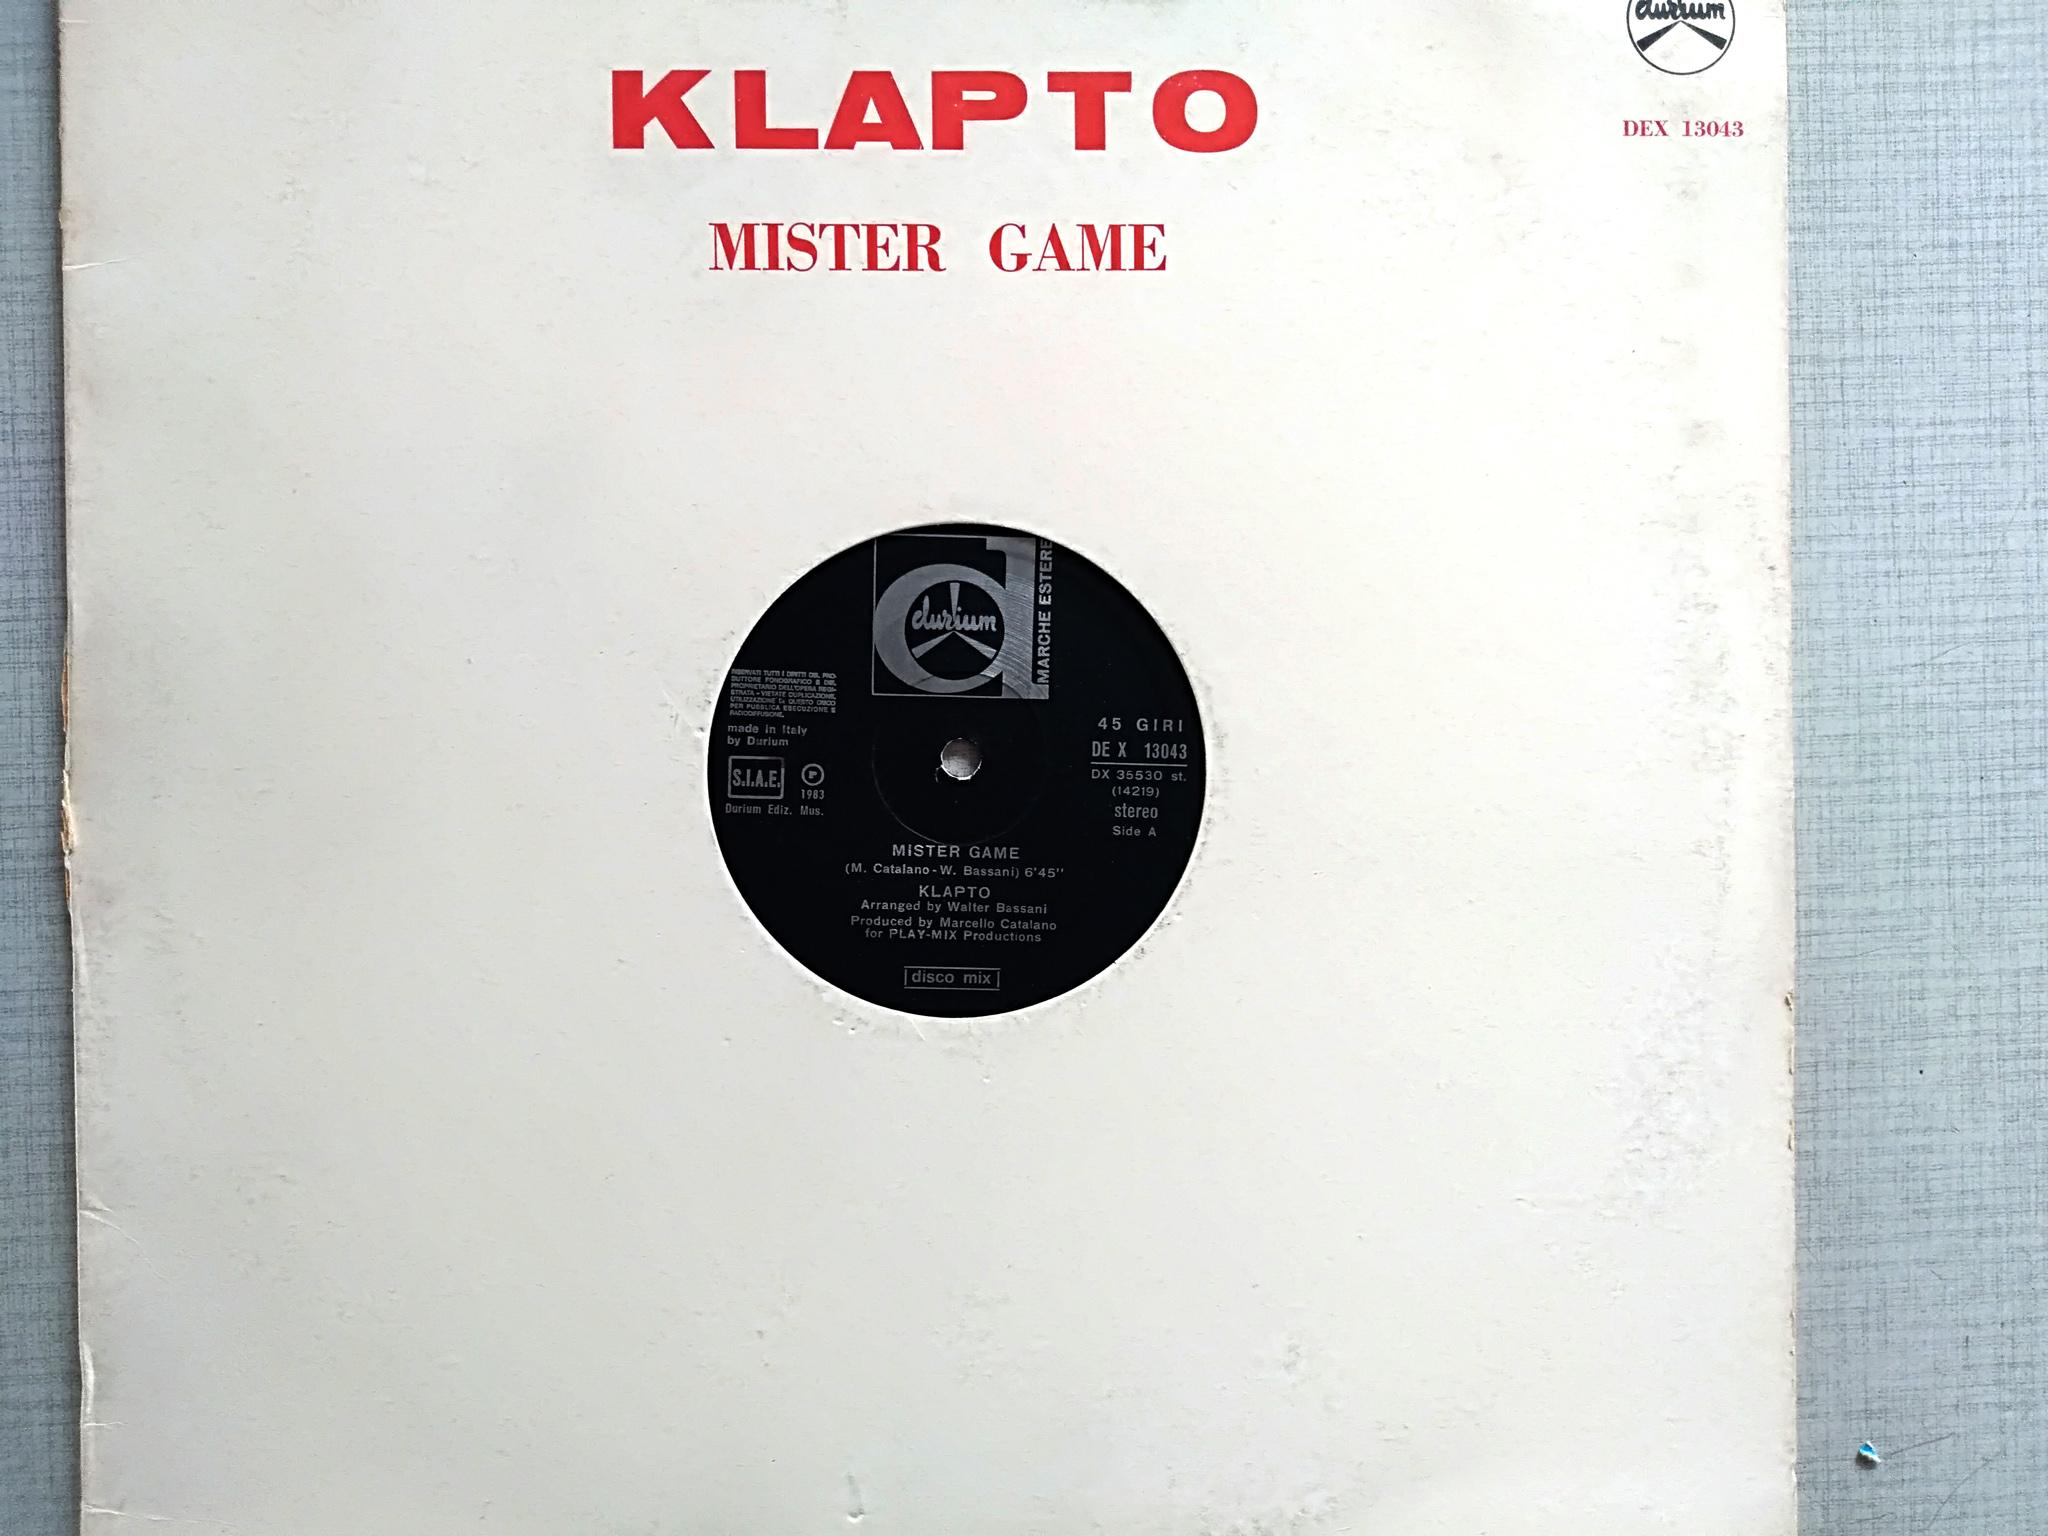 Klapto - Mister Game